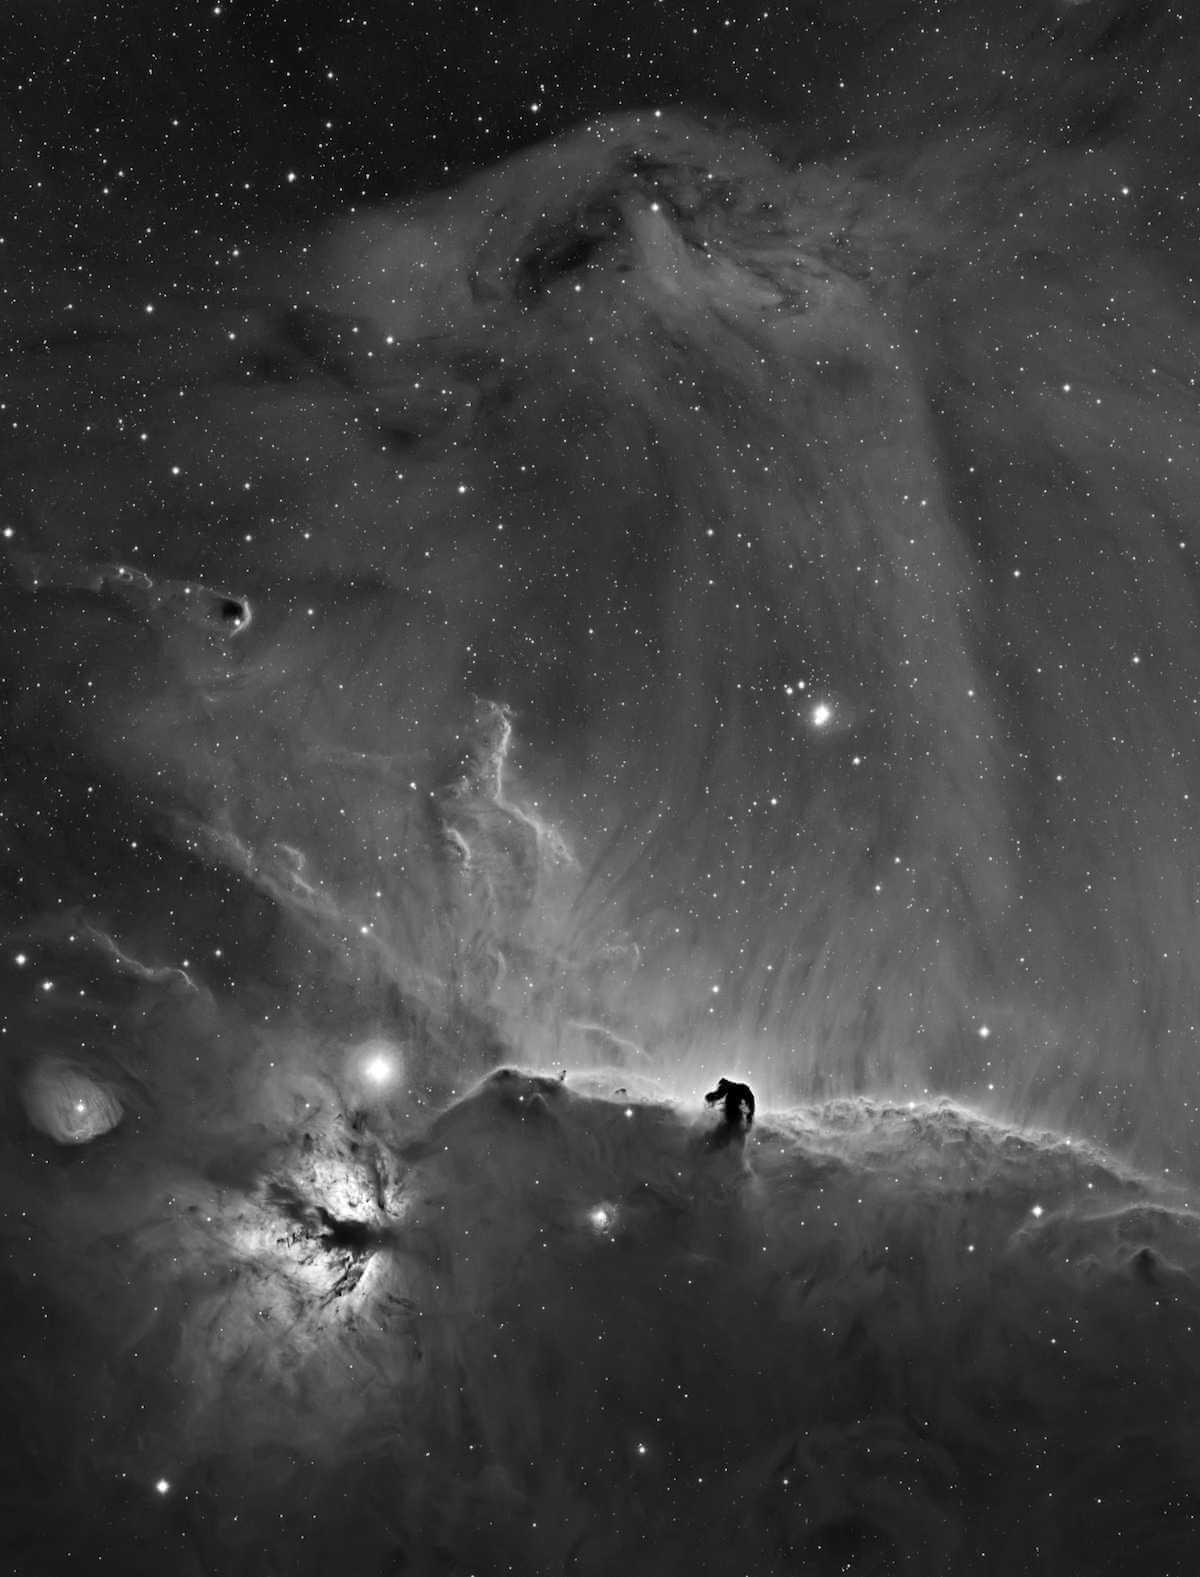 """Fotografía astronómica A Horsehead Curtain Call"""" por Bob Franke (Estados Unidos)"""